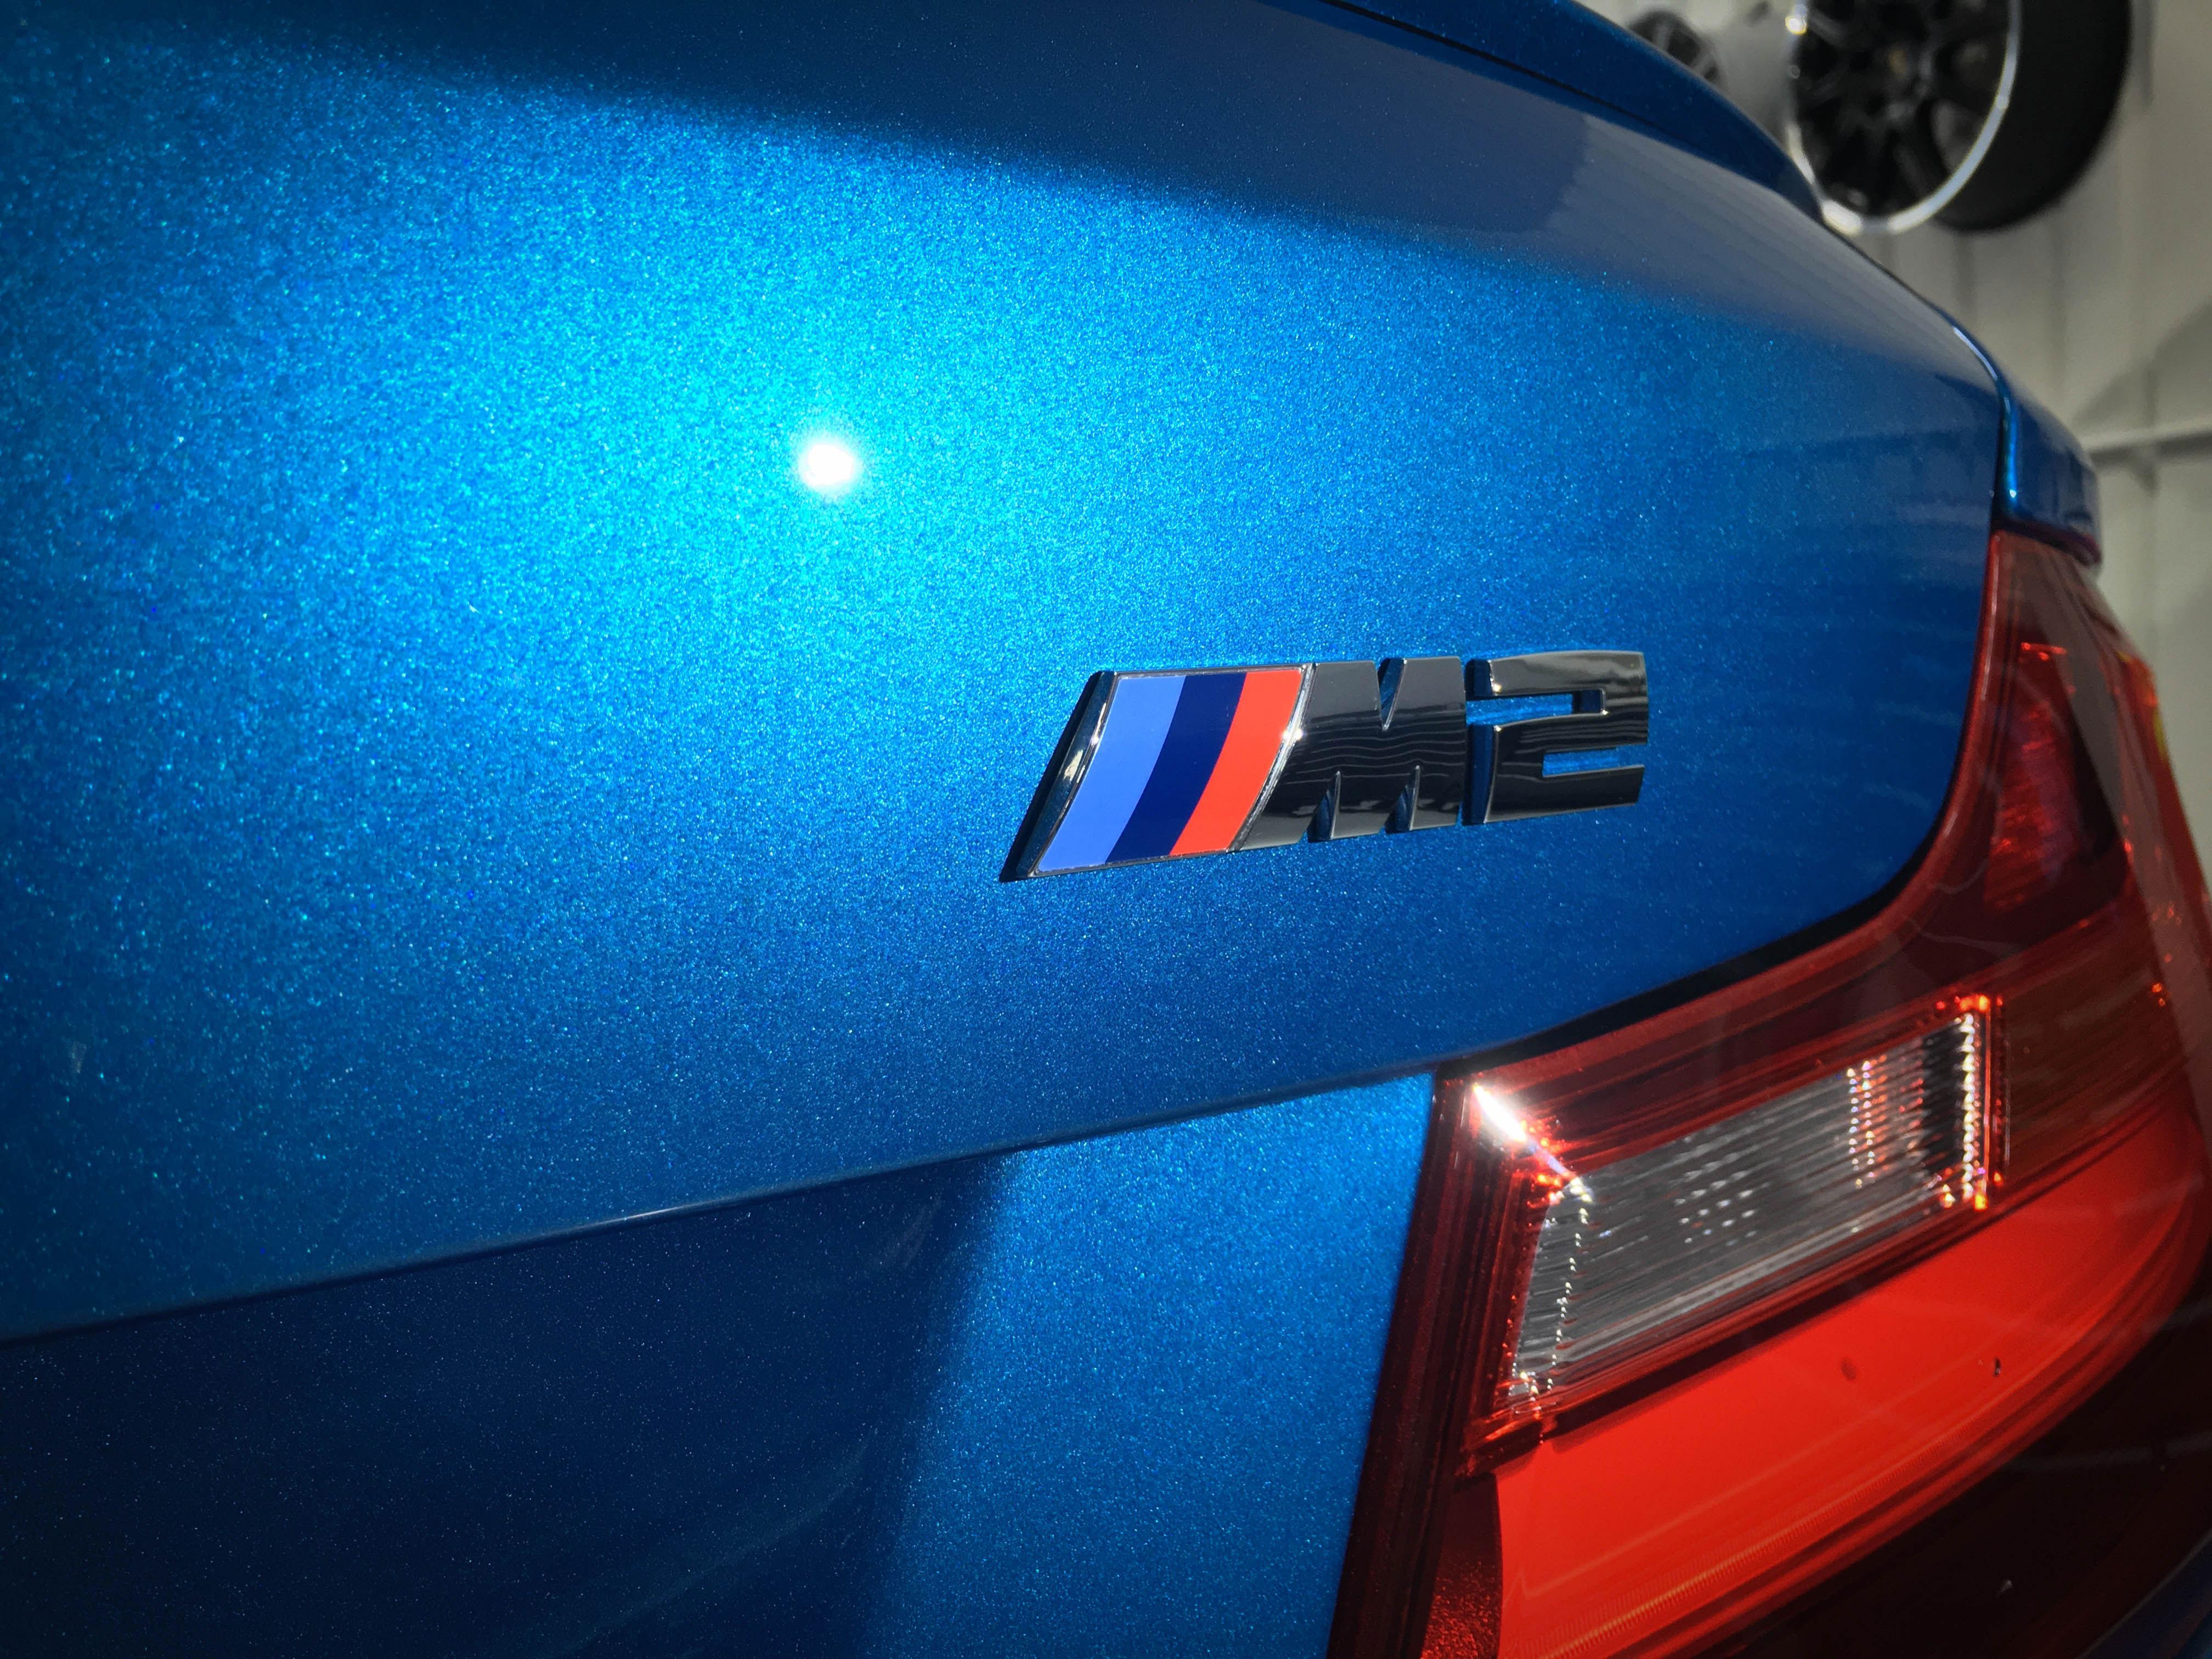 BMW-M2-badge-detail